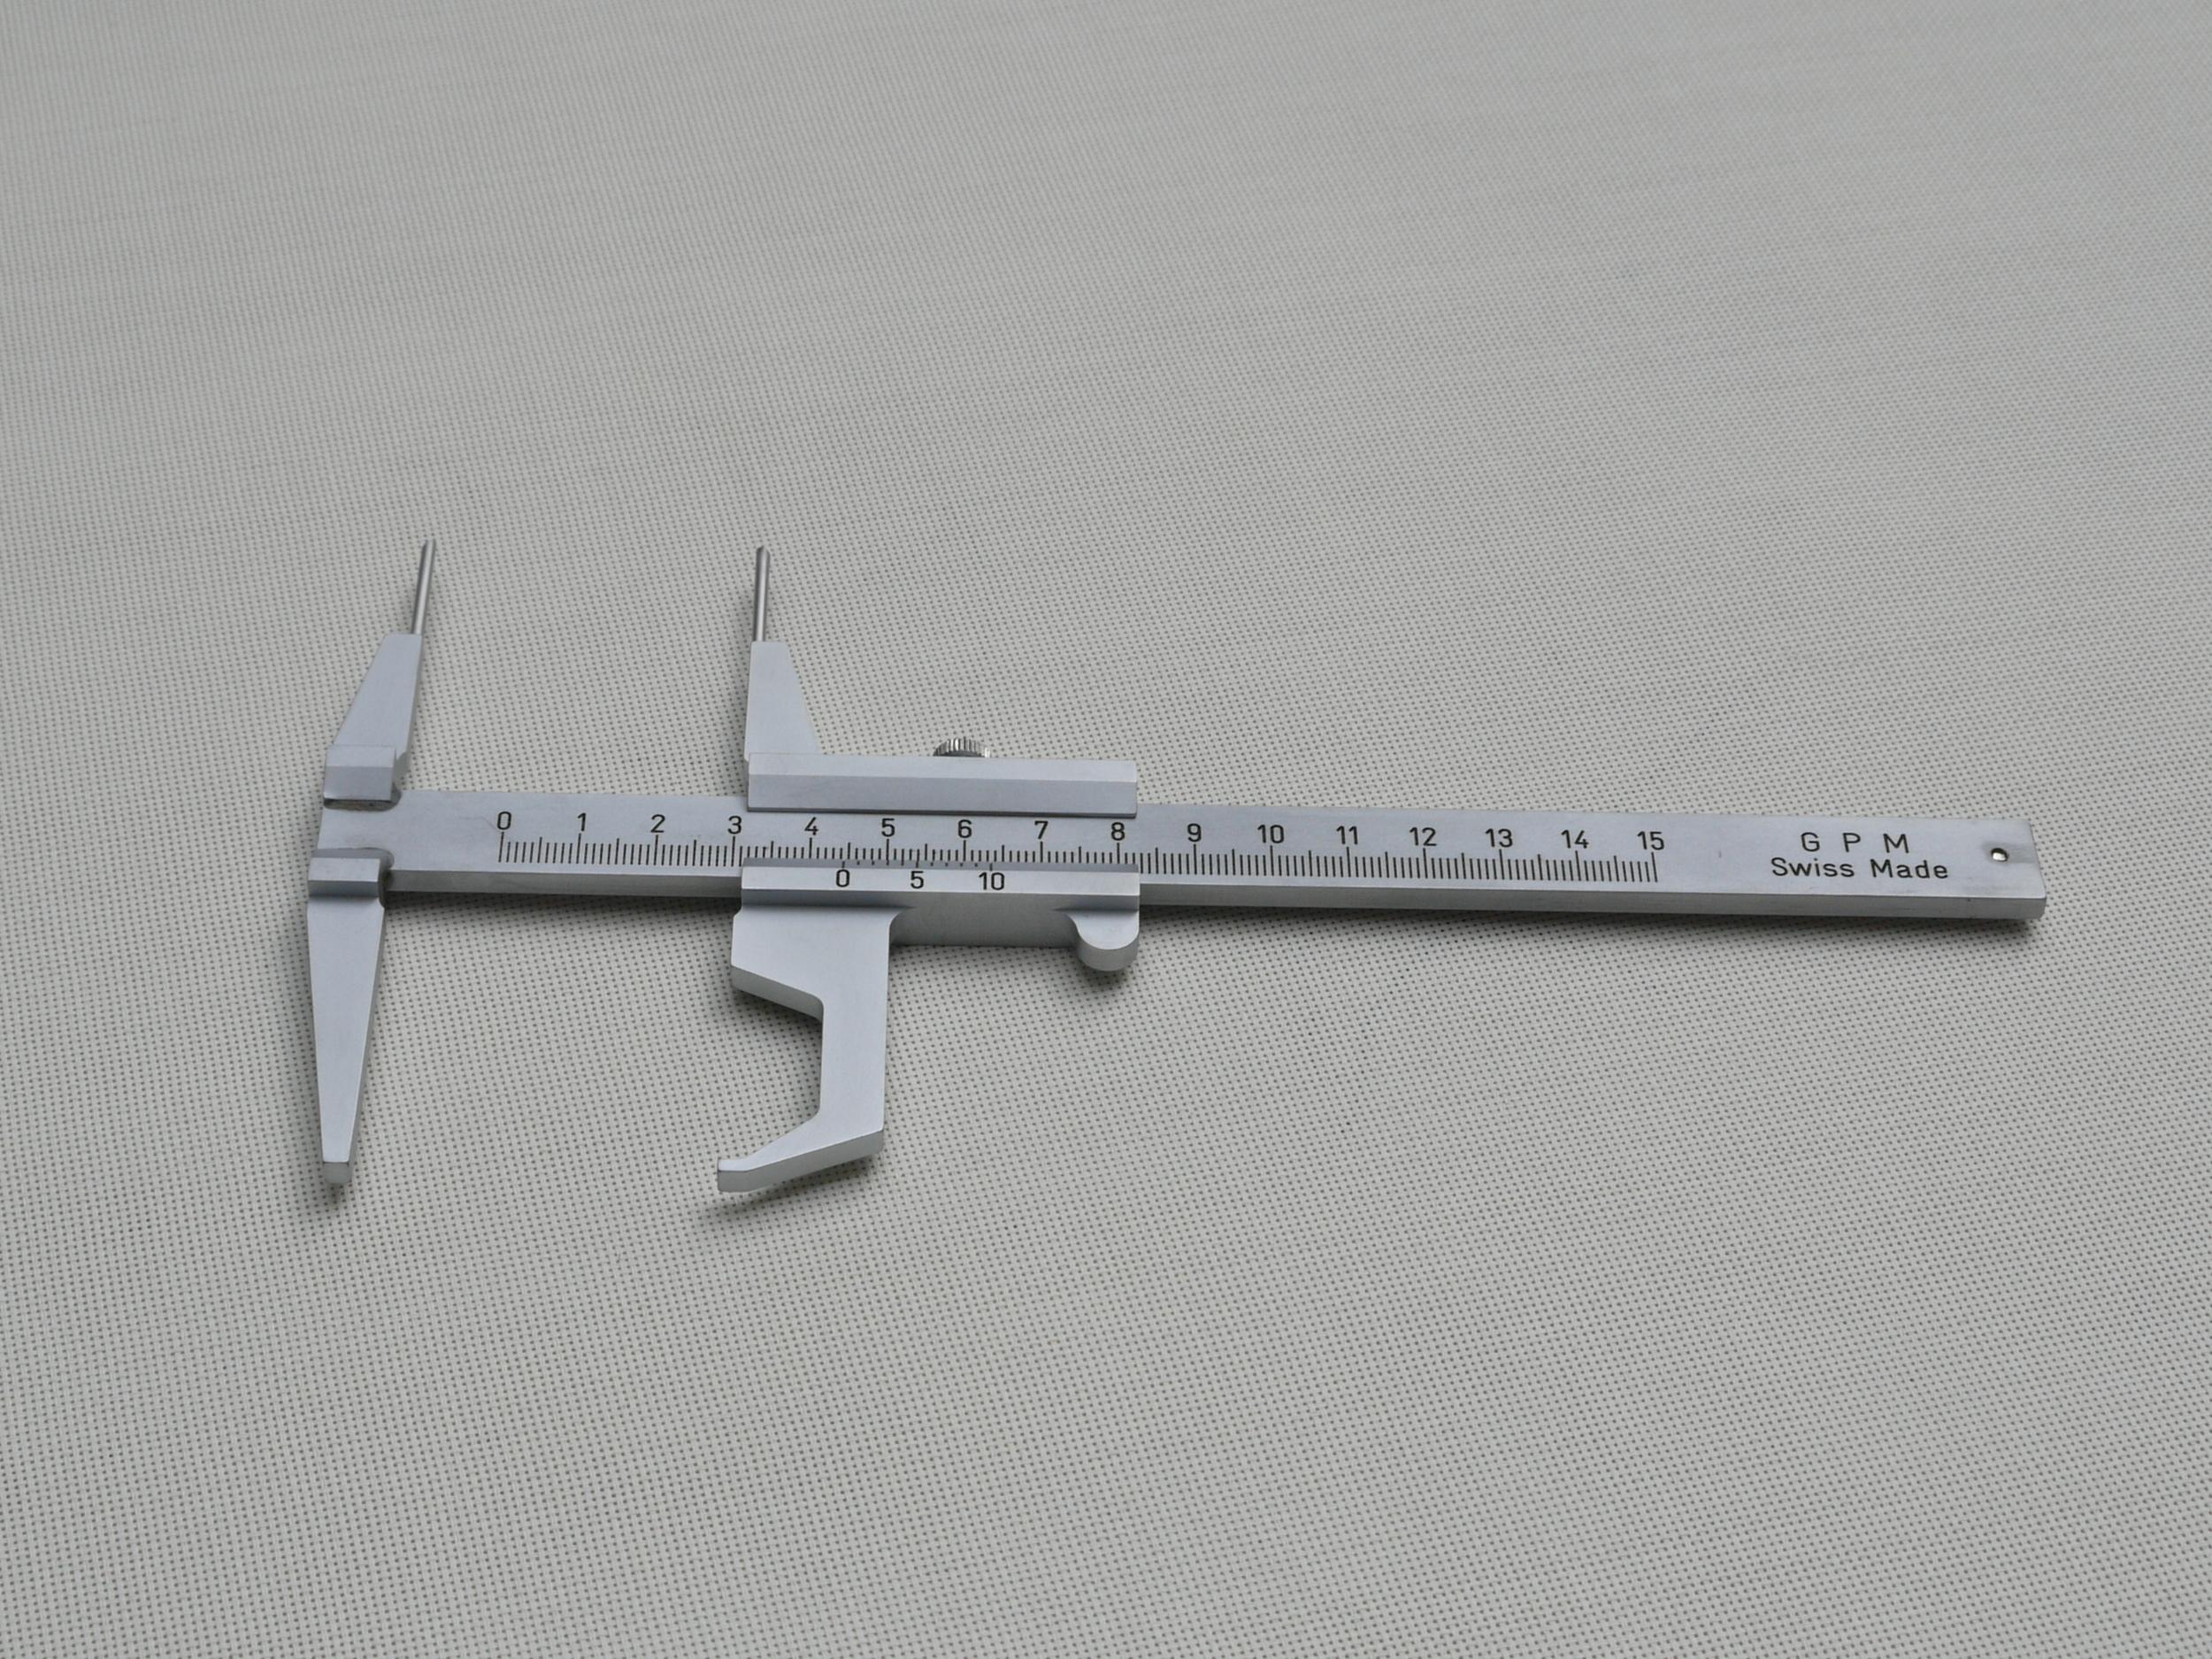 GPM Sliding Caliper (with vernier) 105